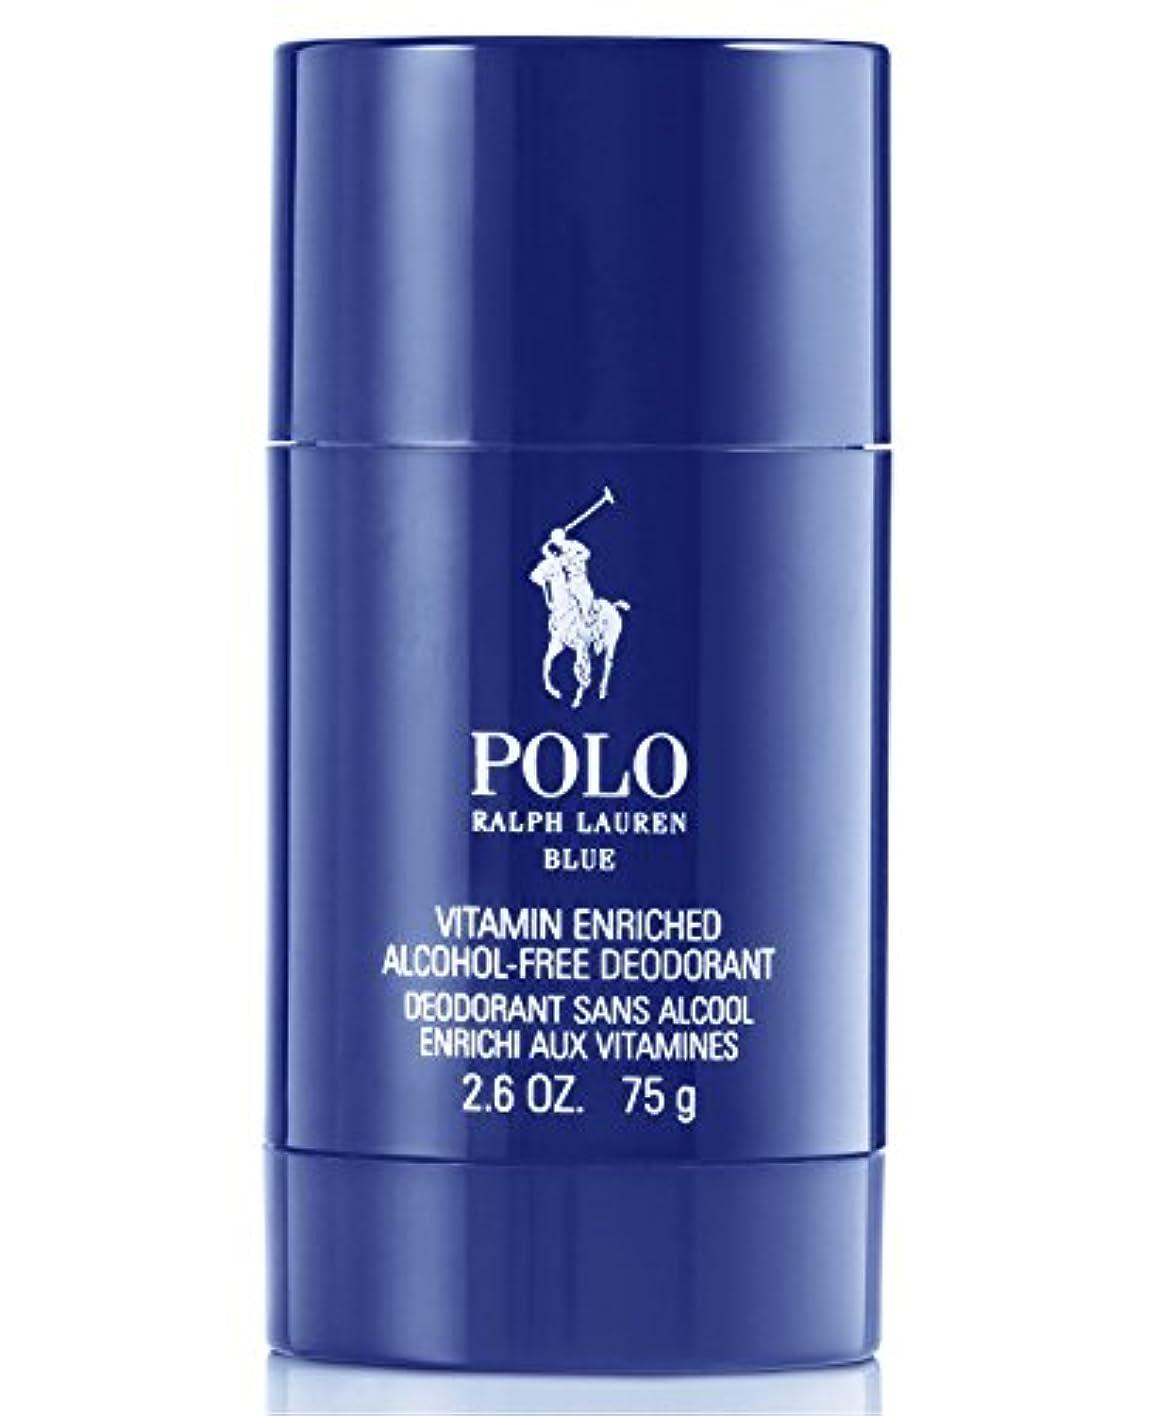 ダッシュ蒸発ハロウィンラルフローレン ポロ ブルー デオドラントスティック POLO BLUE Deodorant Stick